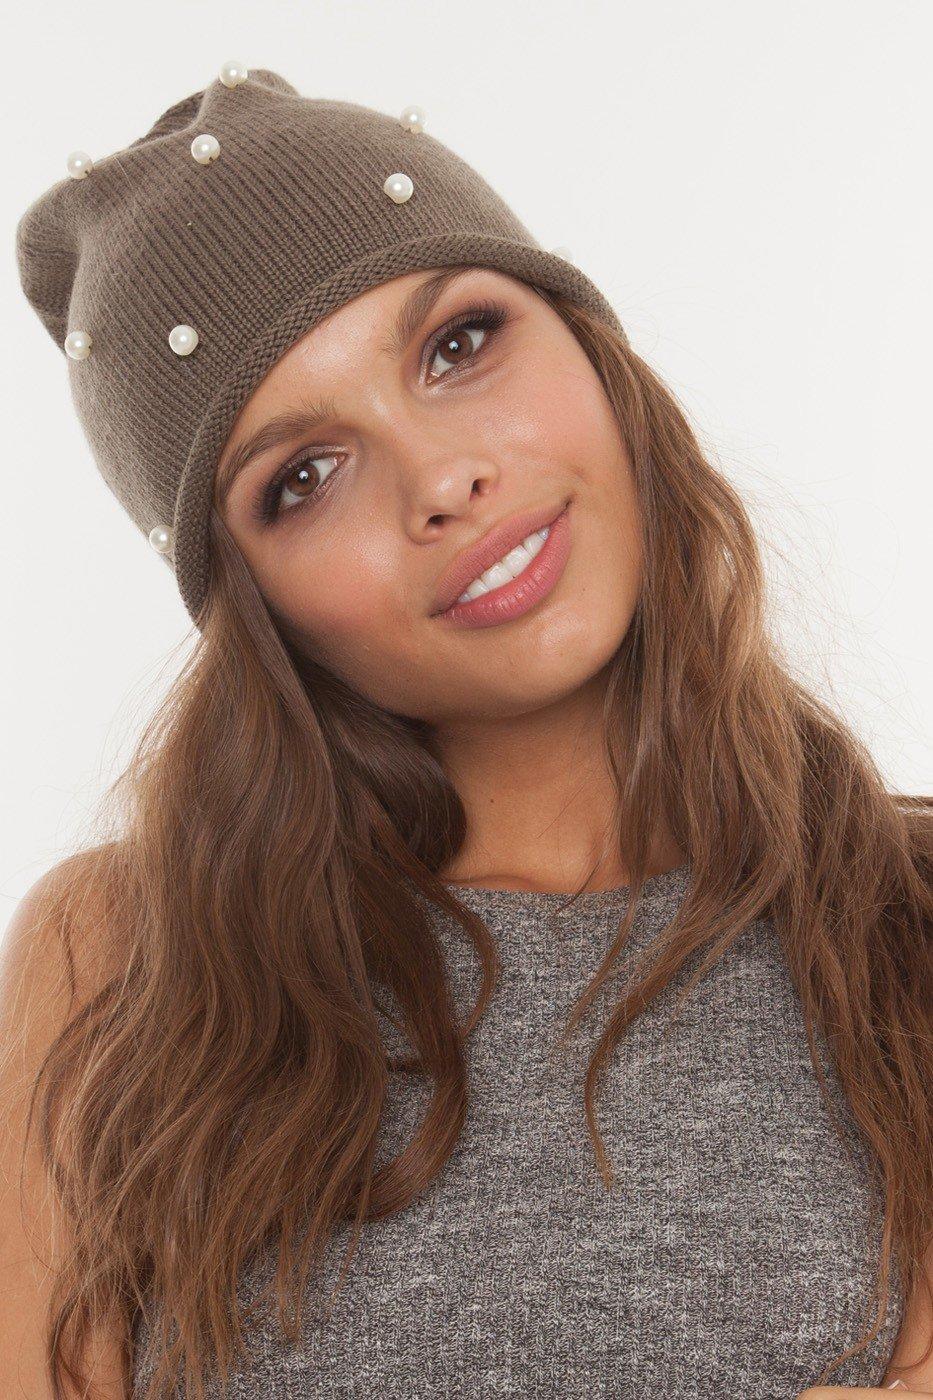 6099c34b594 Головные уборы осень зима 2019 2020  модная шапка с декором